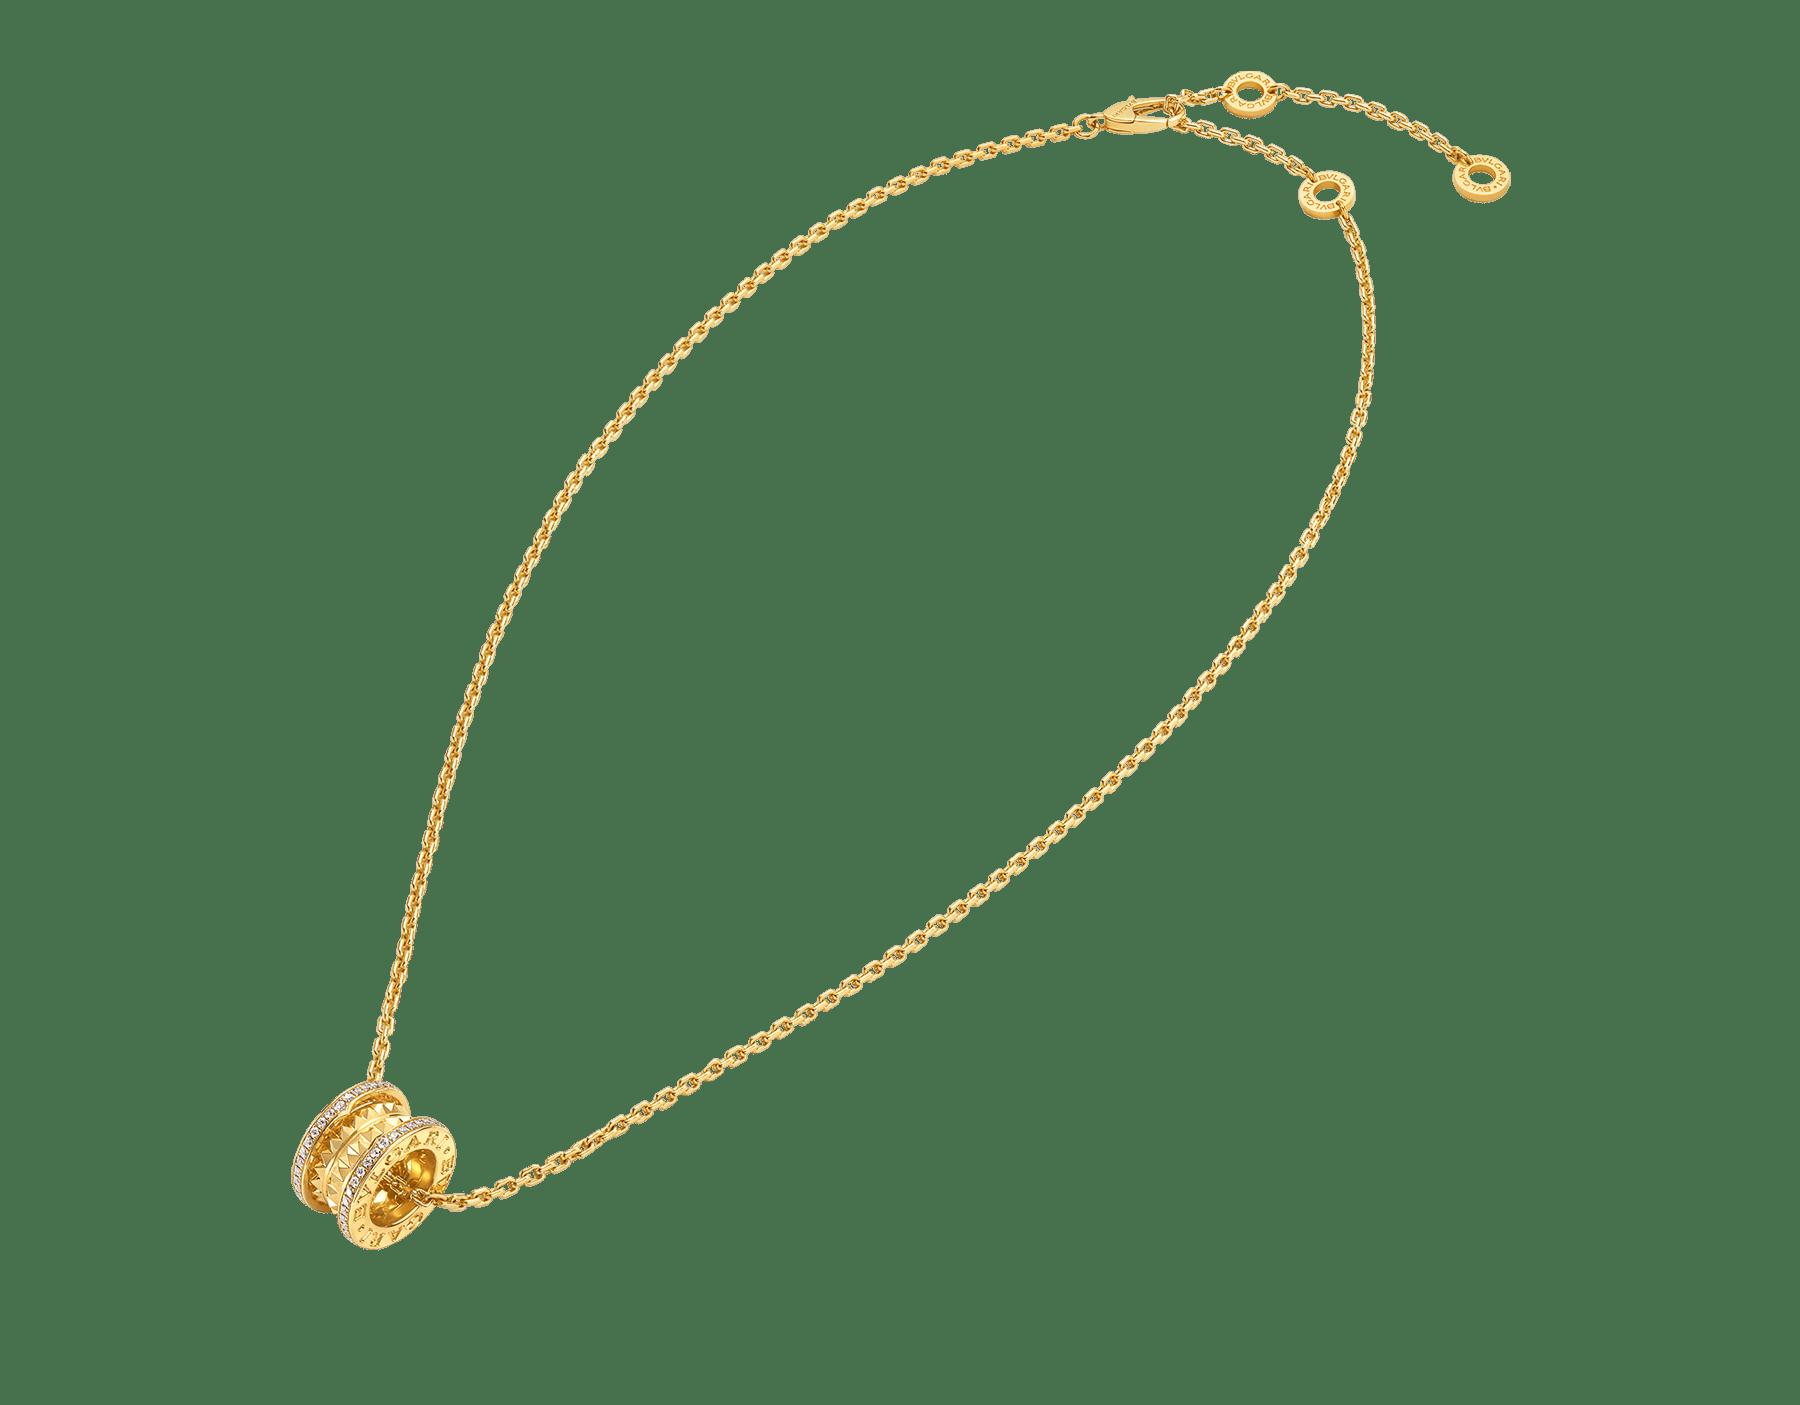 عقد بي.زيرو1 روك مع قلادة من الذهب الأصفر عيار 18 قيراطاً جزءها اللولبي مزين بزخارف نافرة، وحوافها مرصعة بالألماس المرصوف، وسلسلة من الذهب الأصفر عيار 18 قيراطاً 357885 image 2